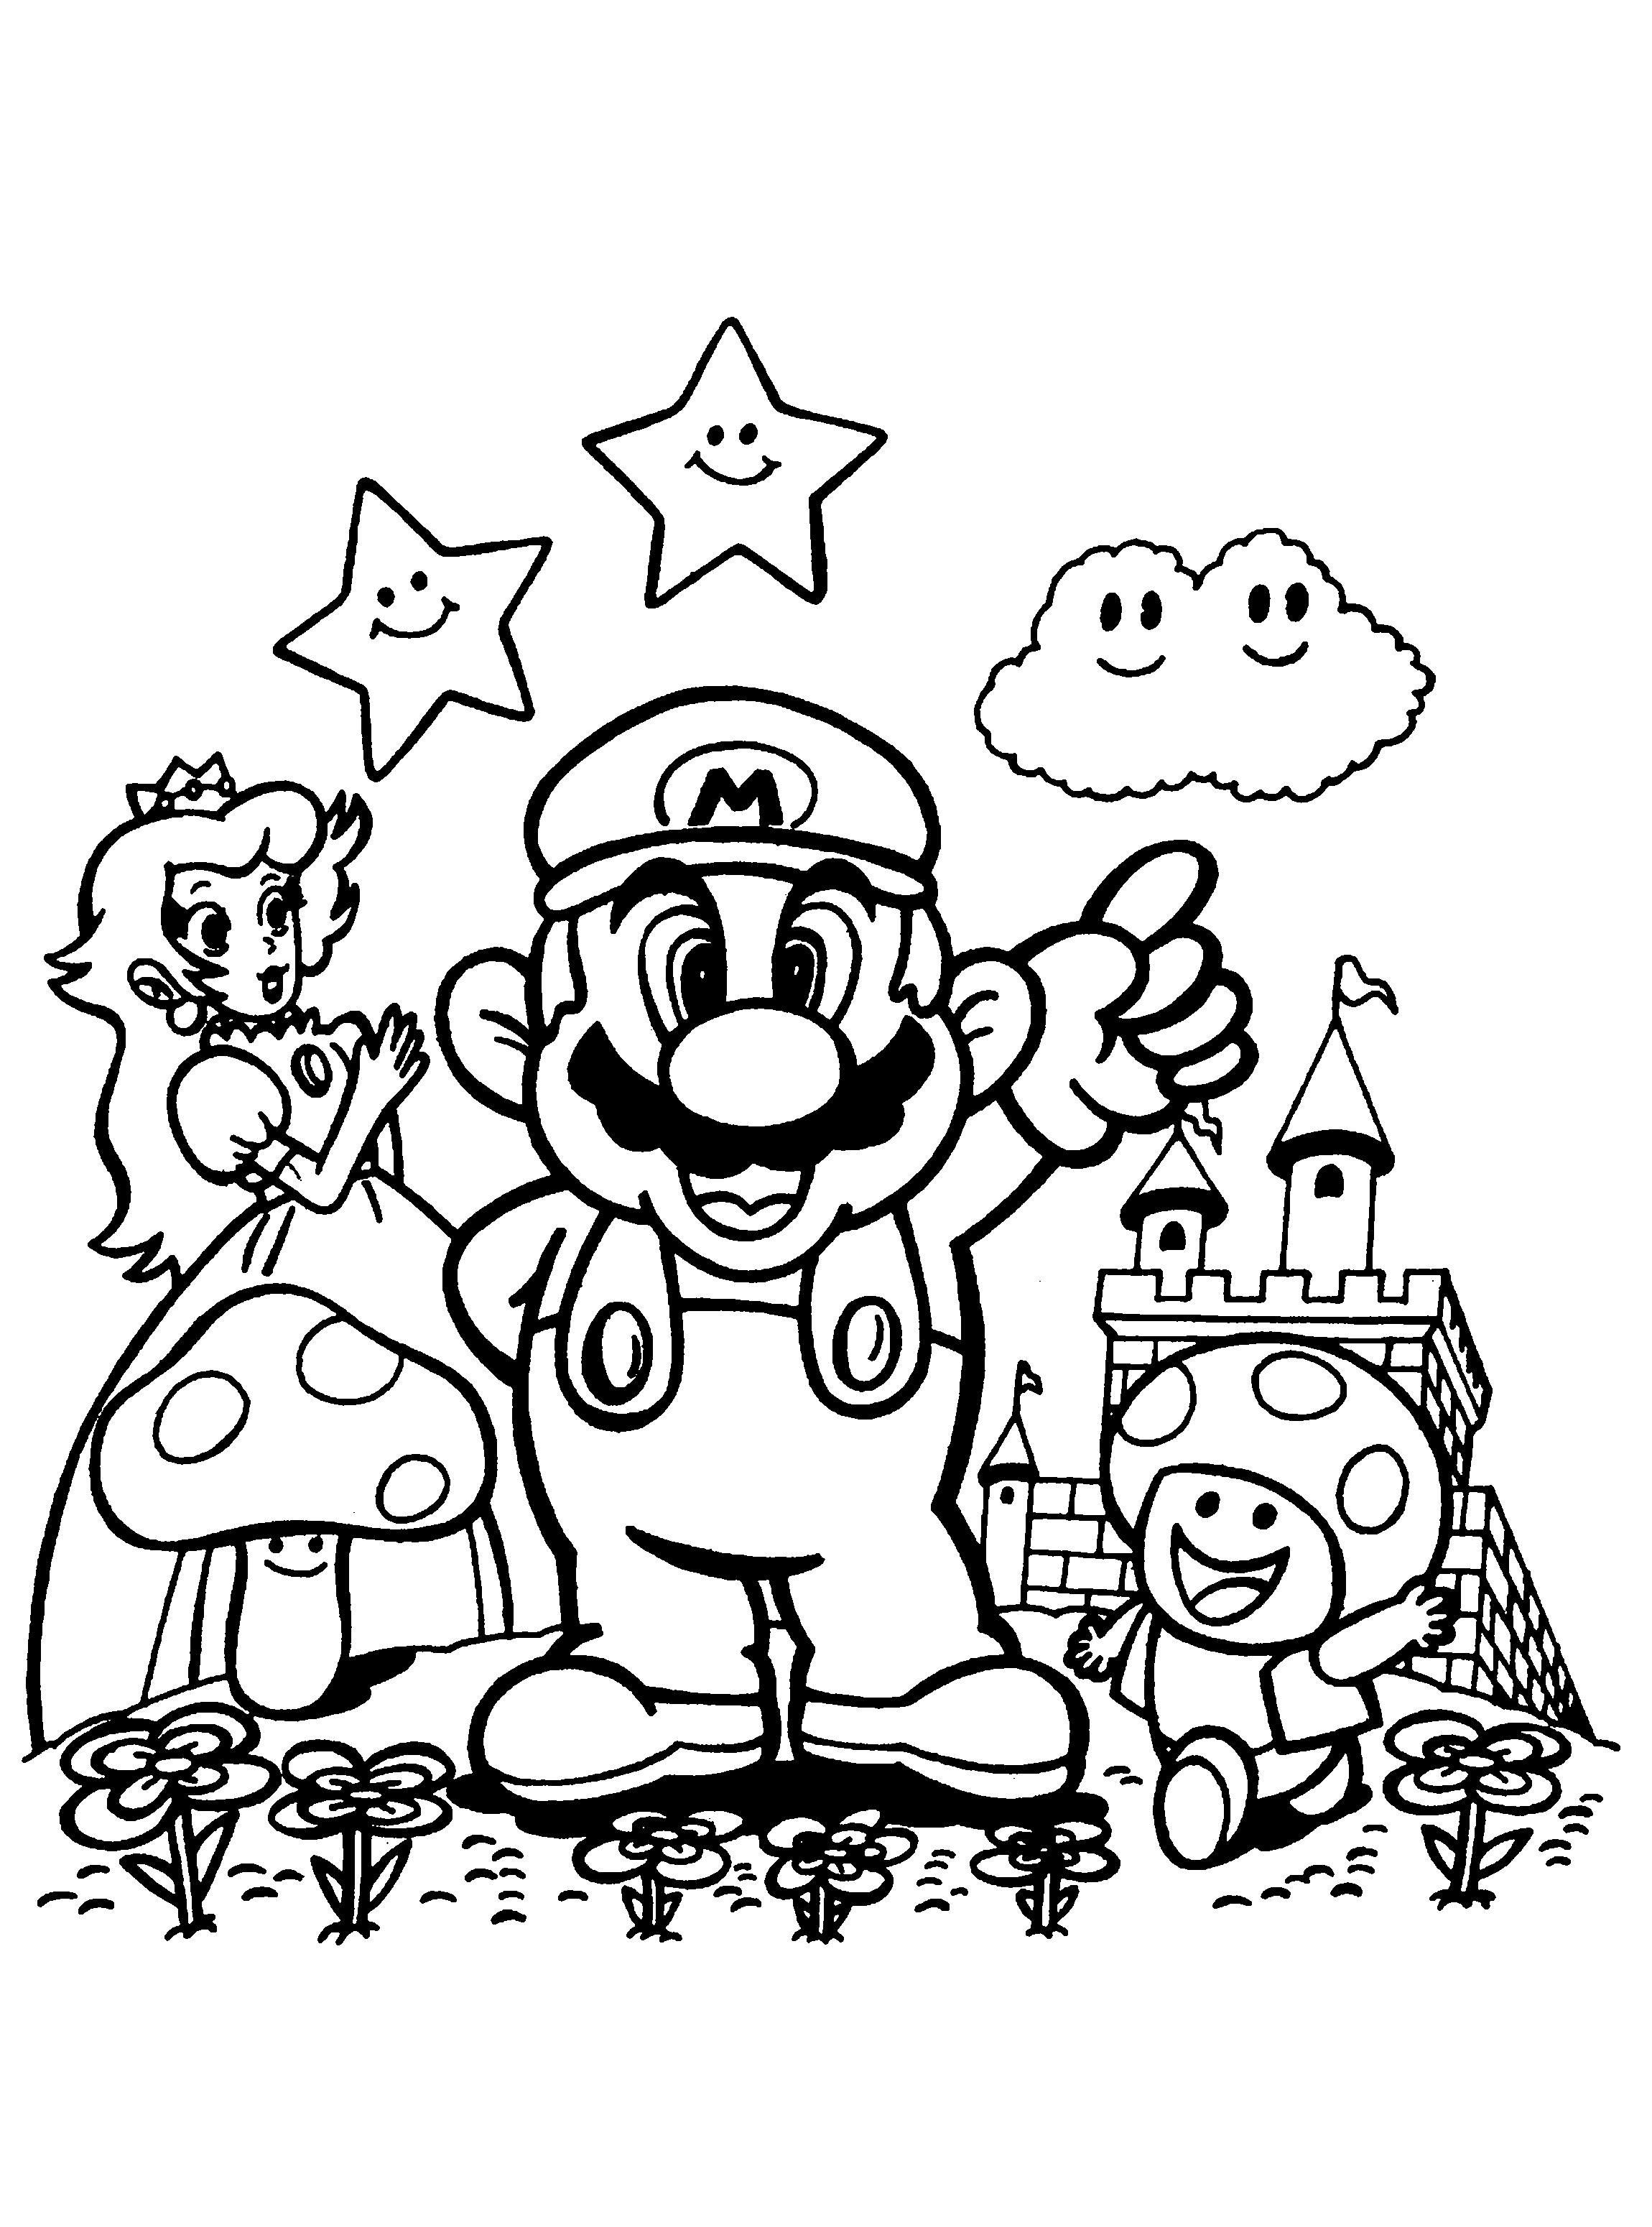 Élégant Dessins à Imprimer Mario Bros